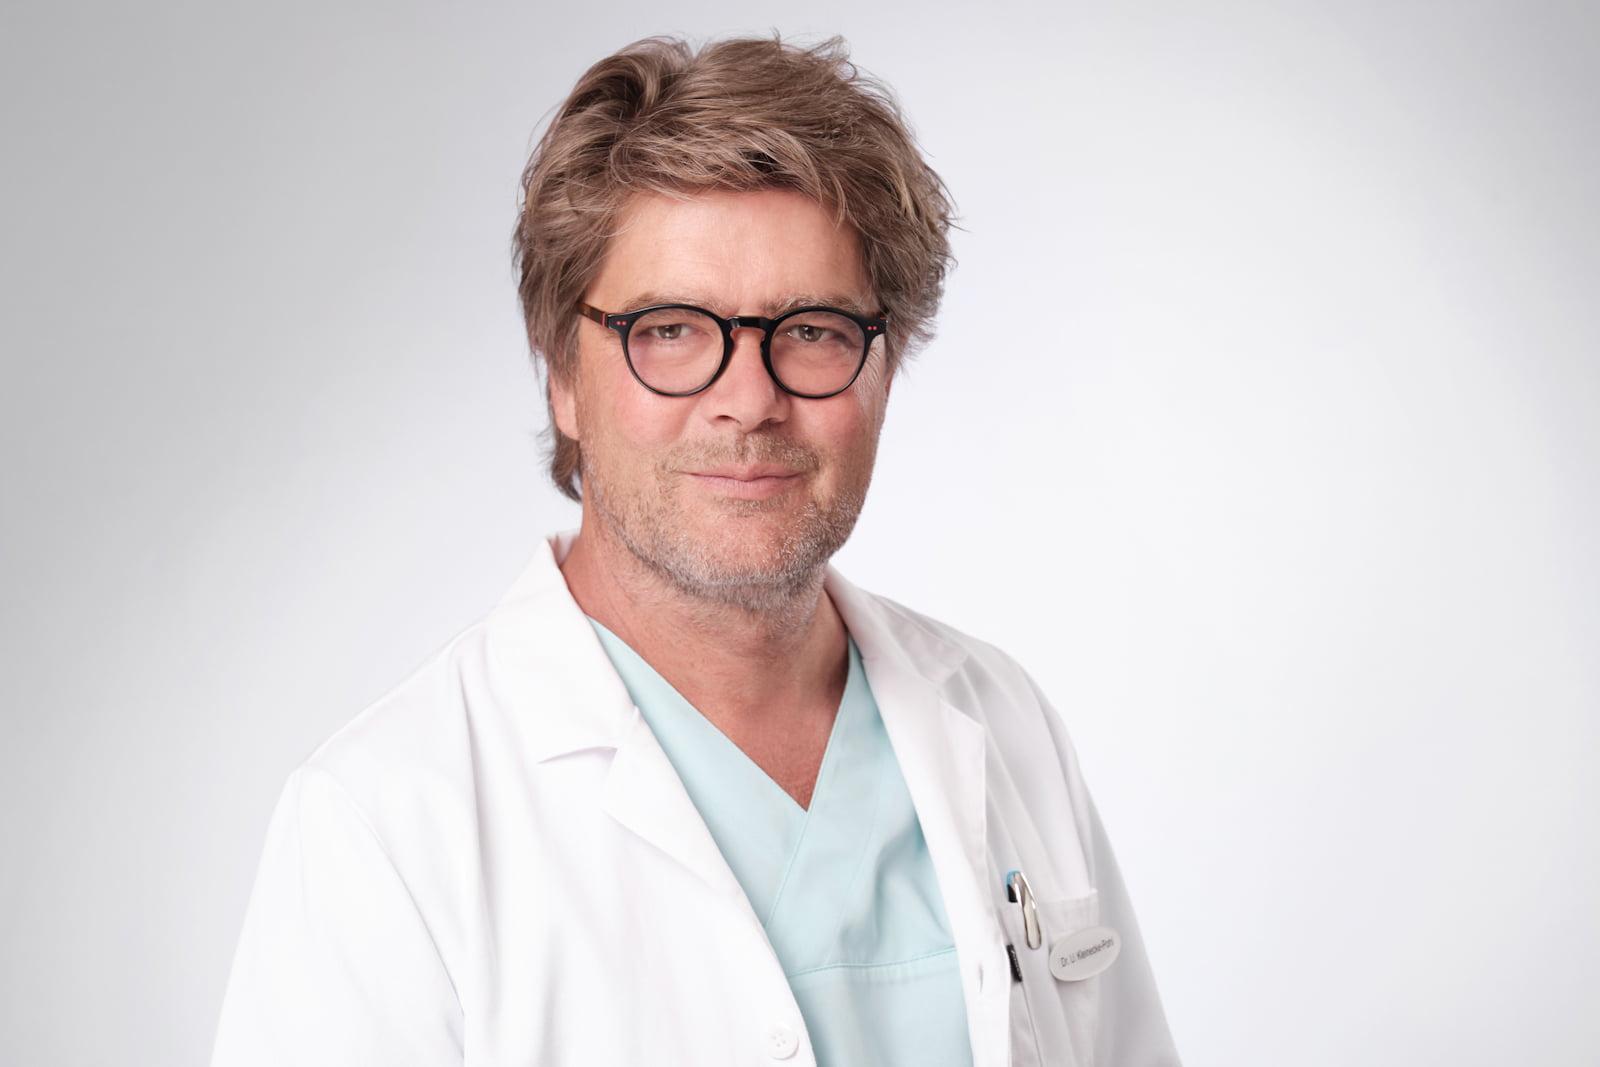 Dr. Kleinecke